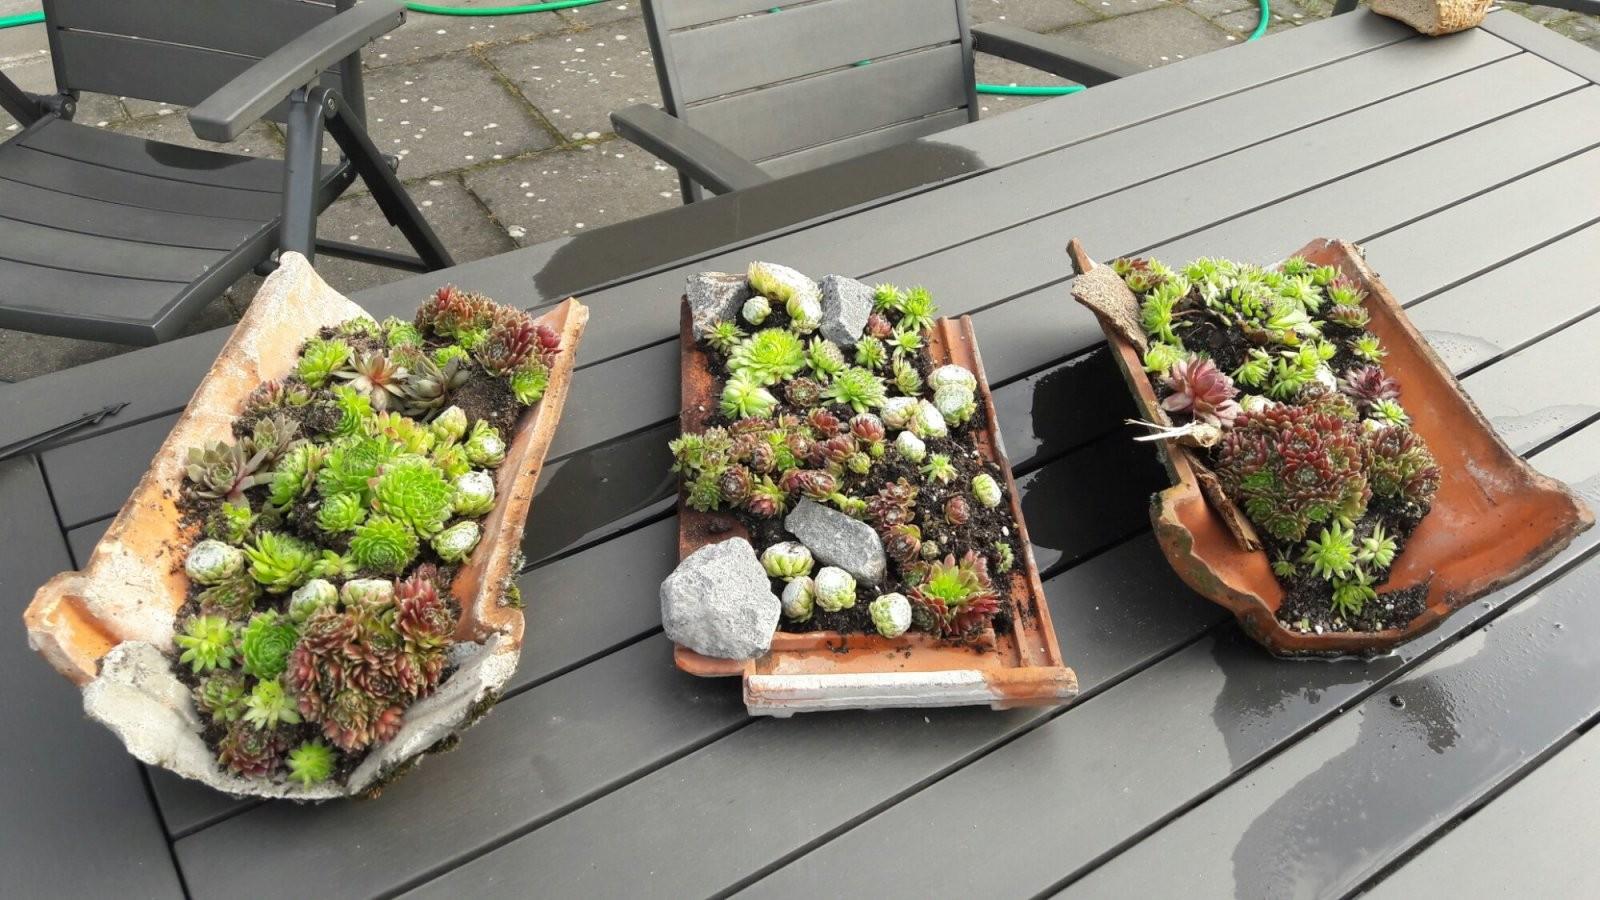 Dachrosen Pflanzen Und Dekorativ Einsetzen von Deko Ideen Mit Hauswurz Bild